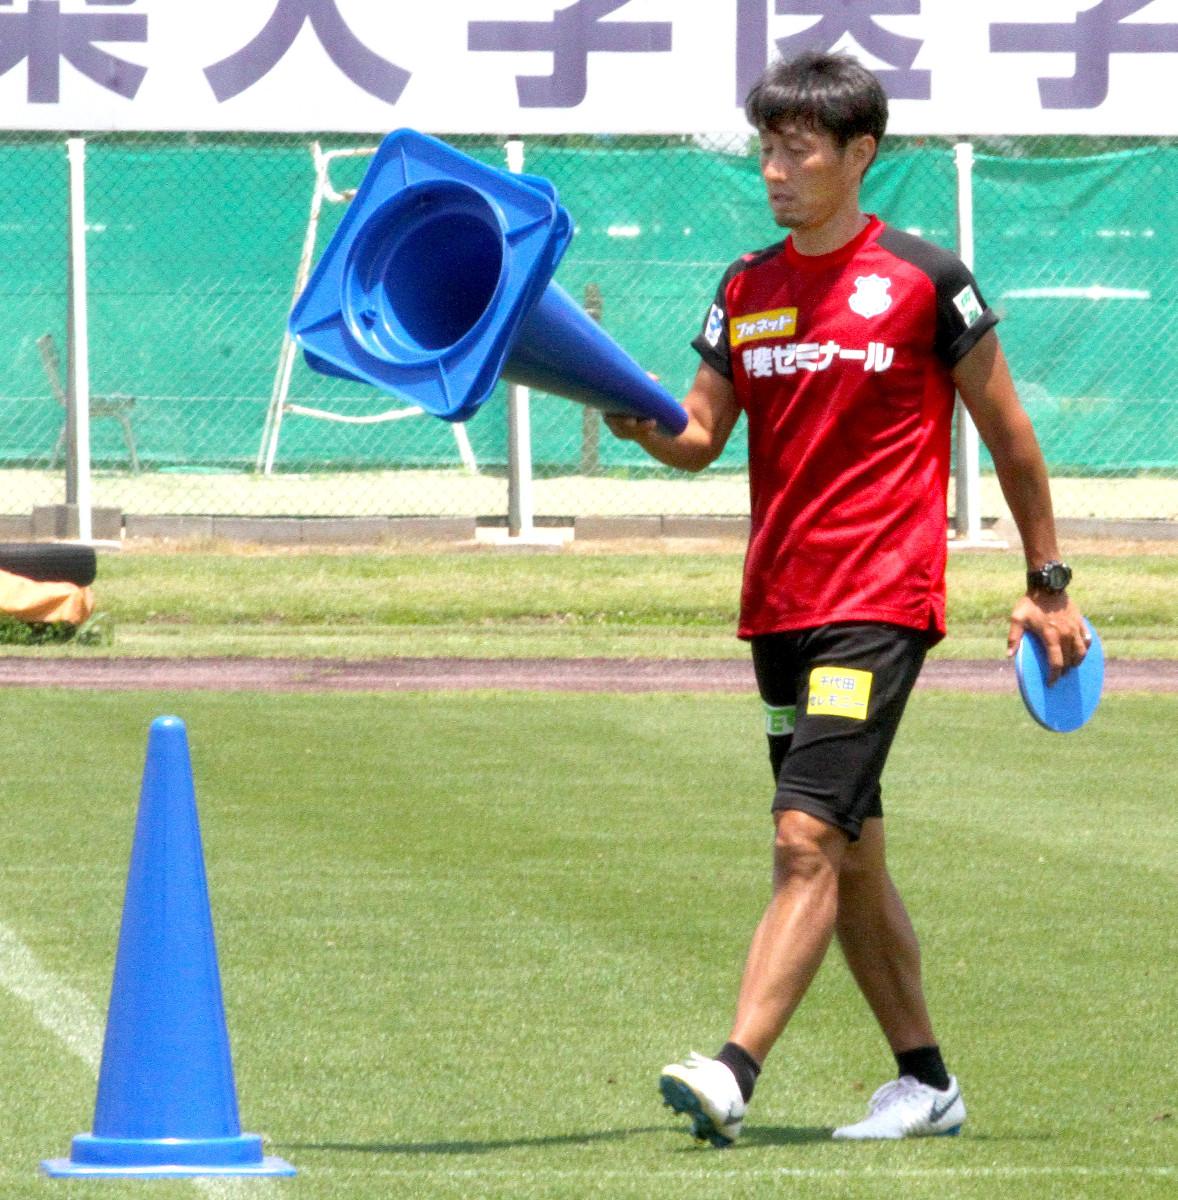 練習中にコーンを片づける甲府の伊藤彰監督